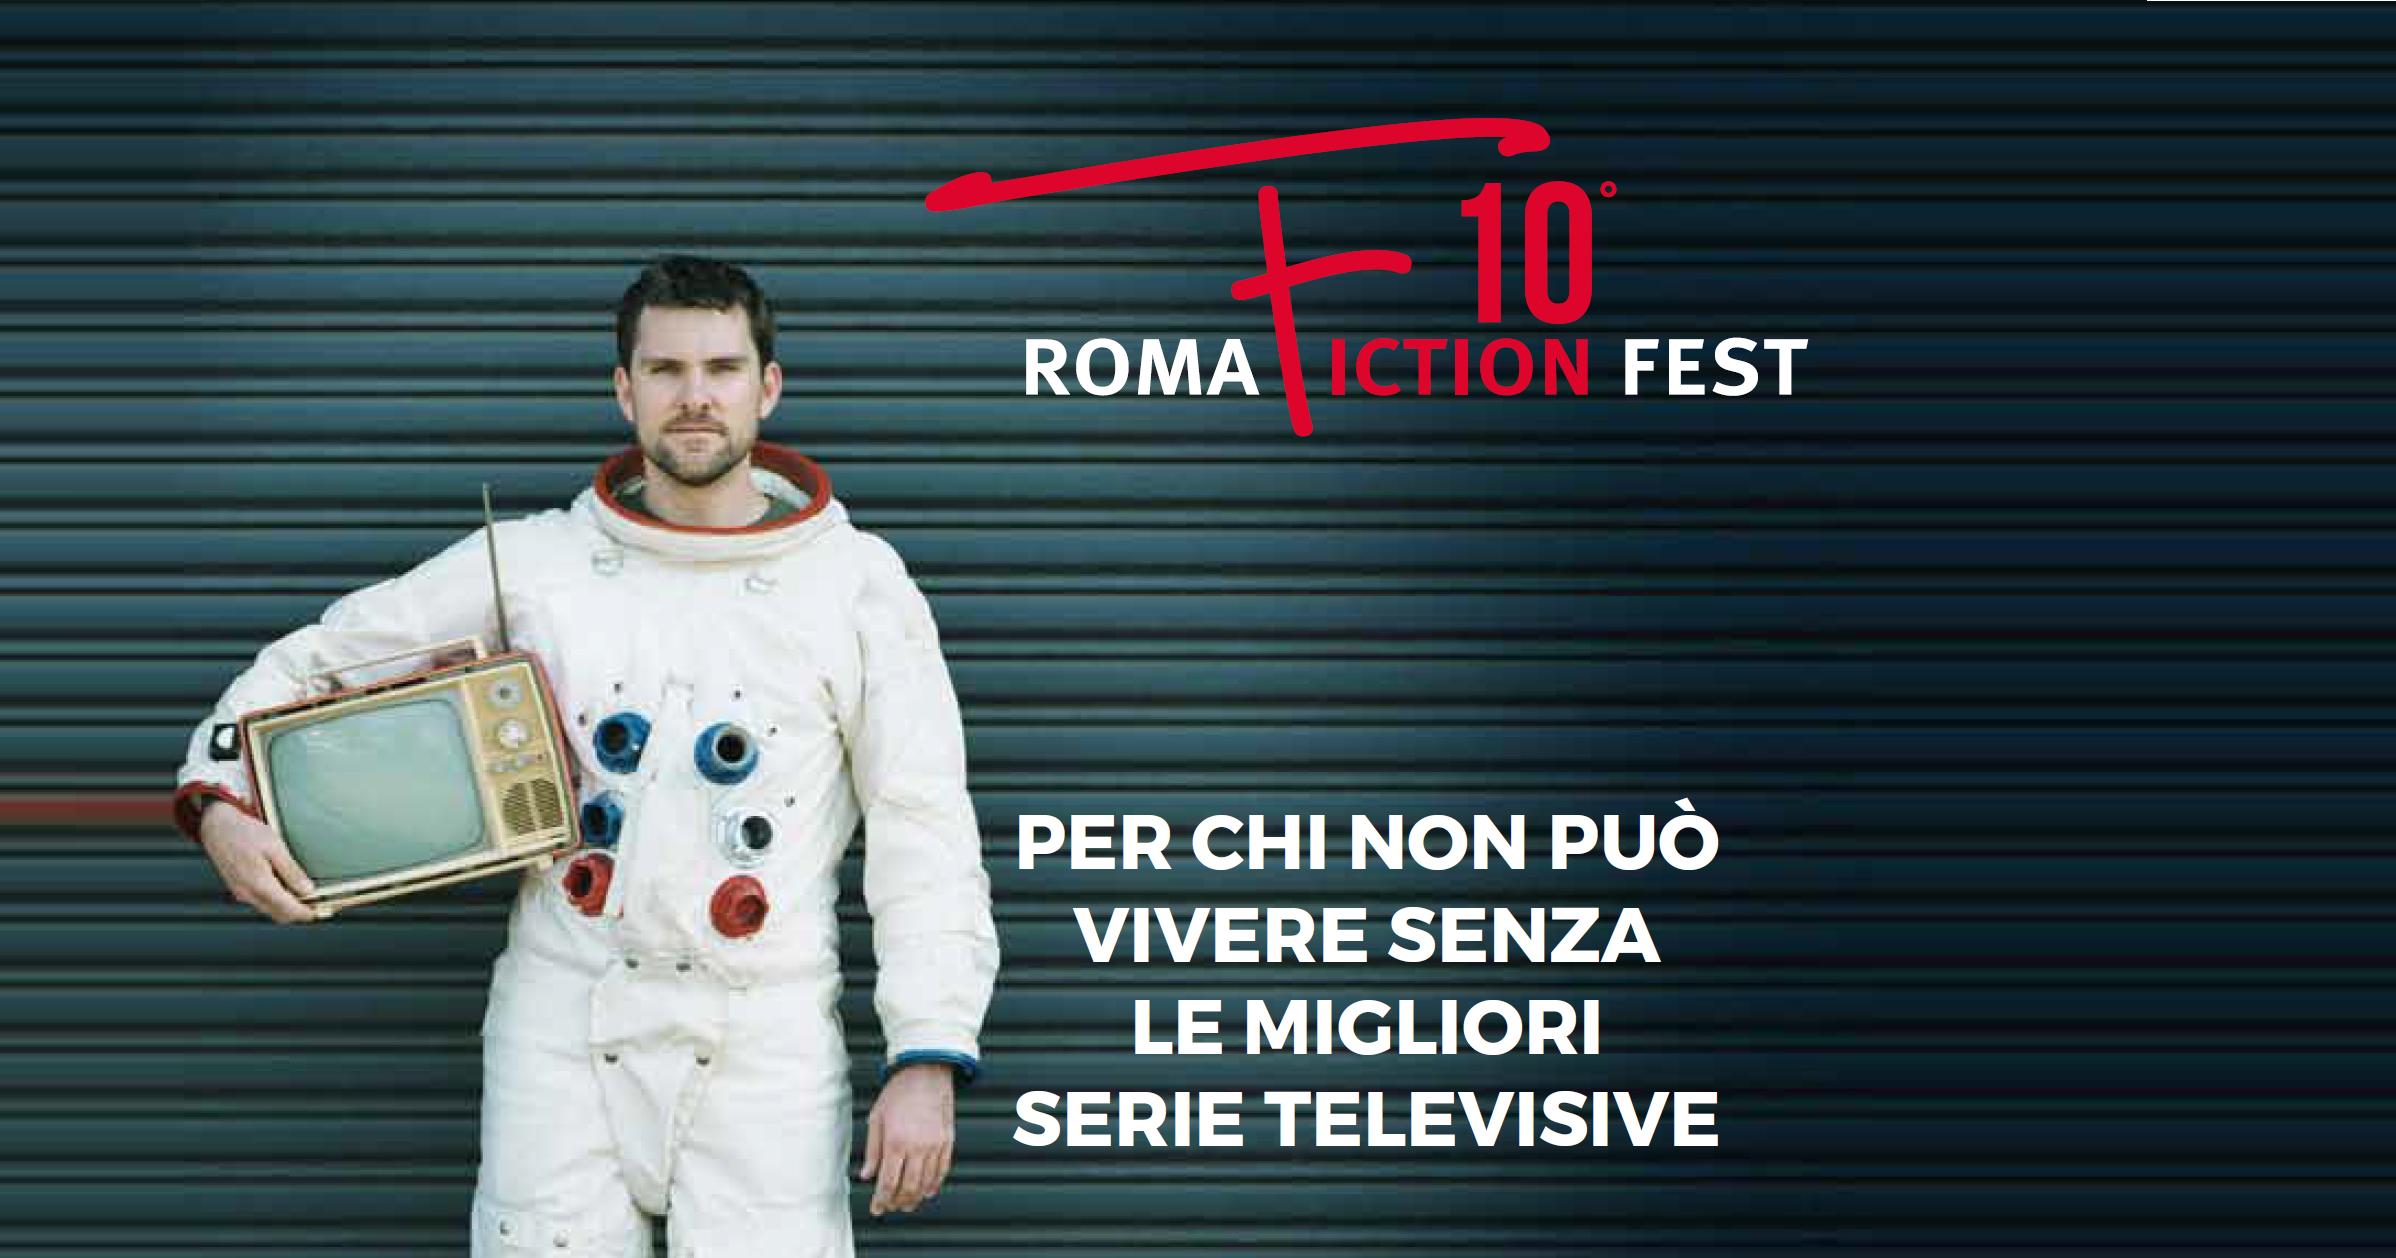 La decima edizione del Roma Fiction Fest si terrà dal 7 all'11 dicembre 2016 al The Space Cinema Moderno di Roma. La manifestazione ospiterà un Concorso Internazionale, uno spazio dedicato […]